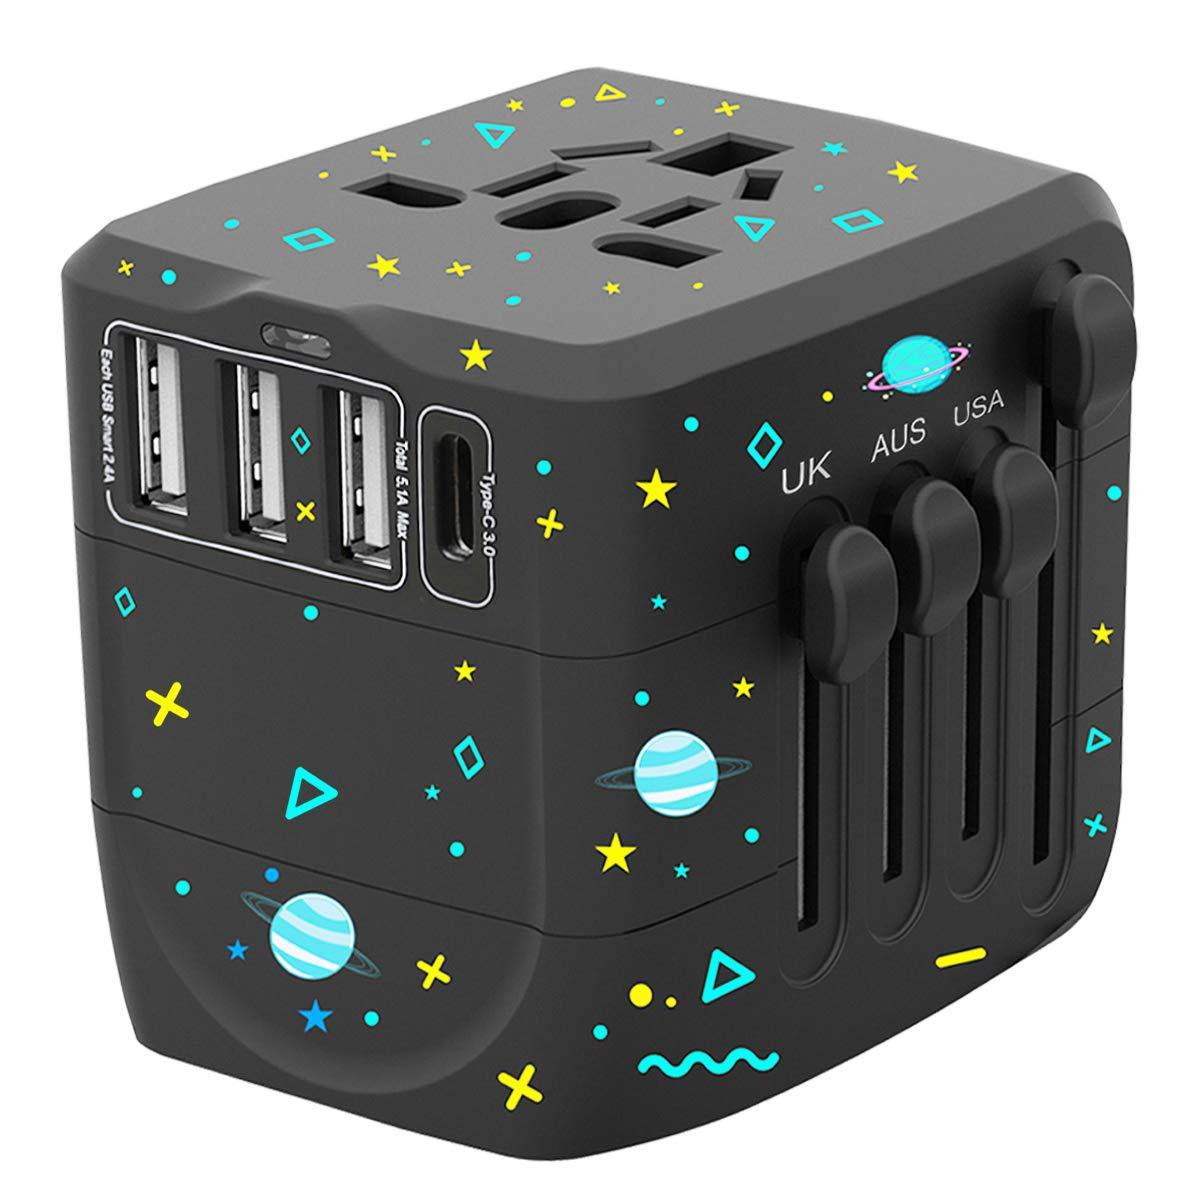 直销四USB转换插座 全球通多功能礼品赠品旅行用品万能转换插座